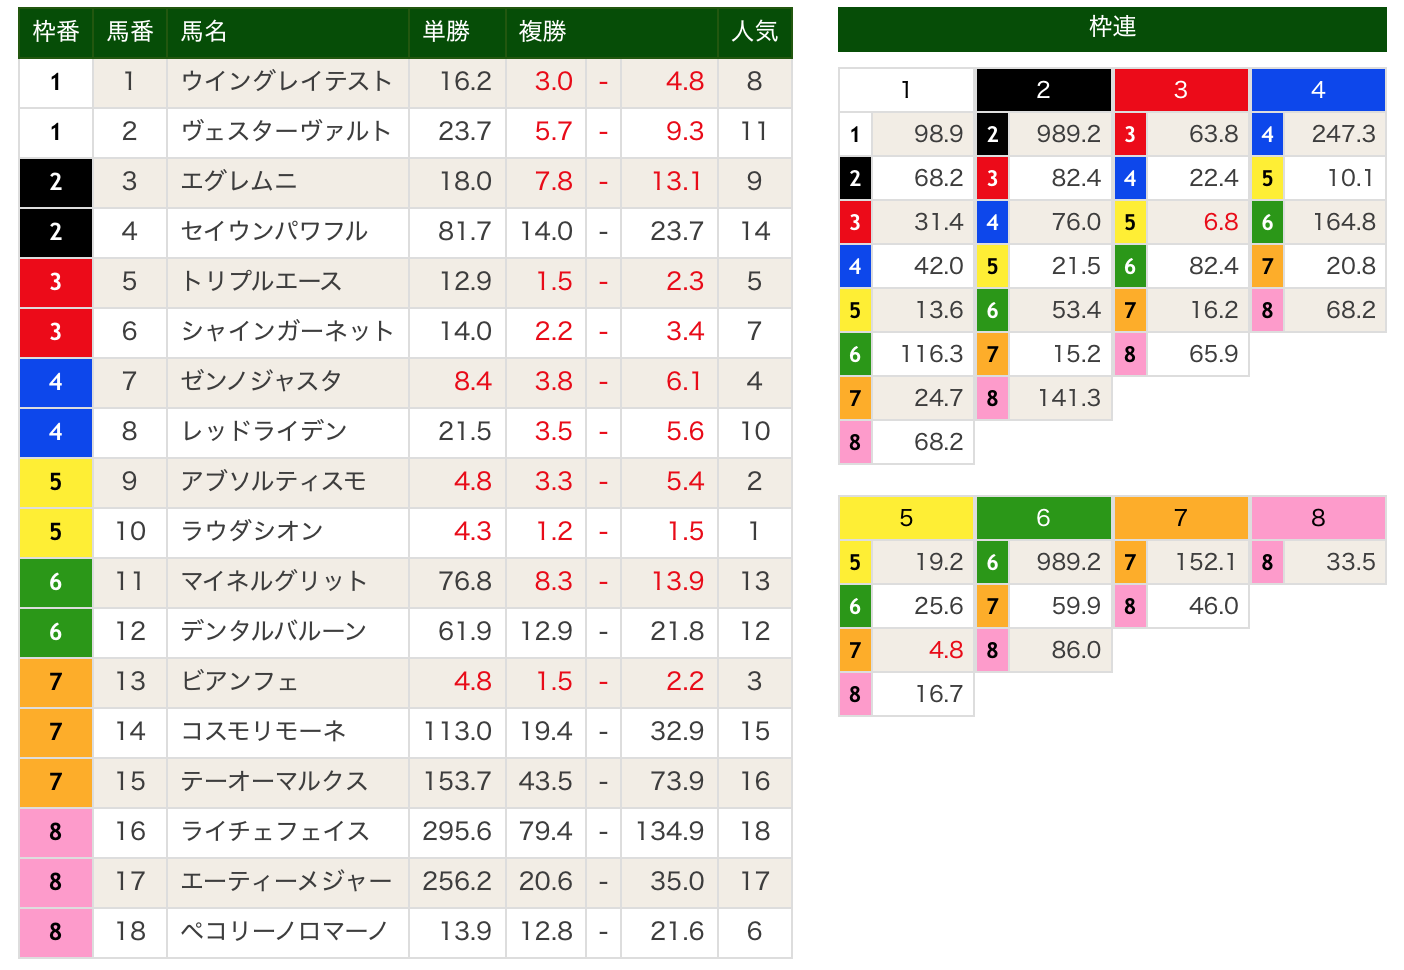 中日スポーツ賞ファルコンステークスオッズ